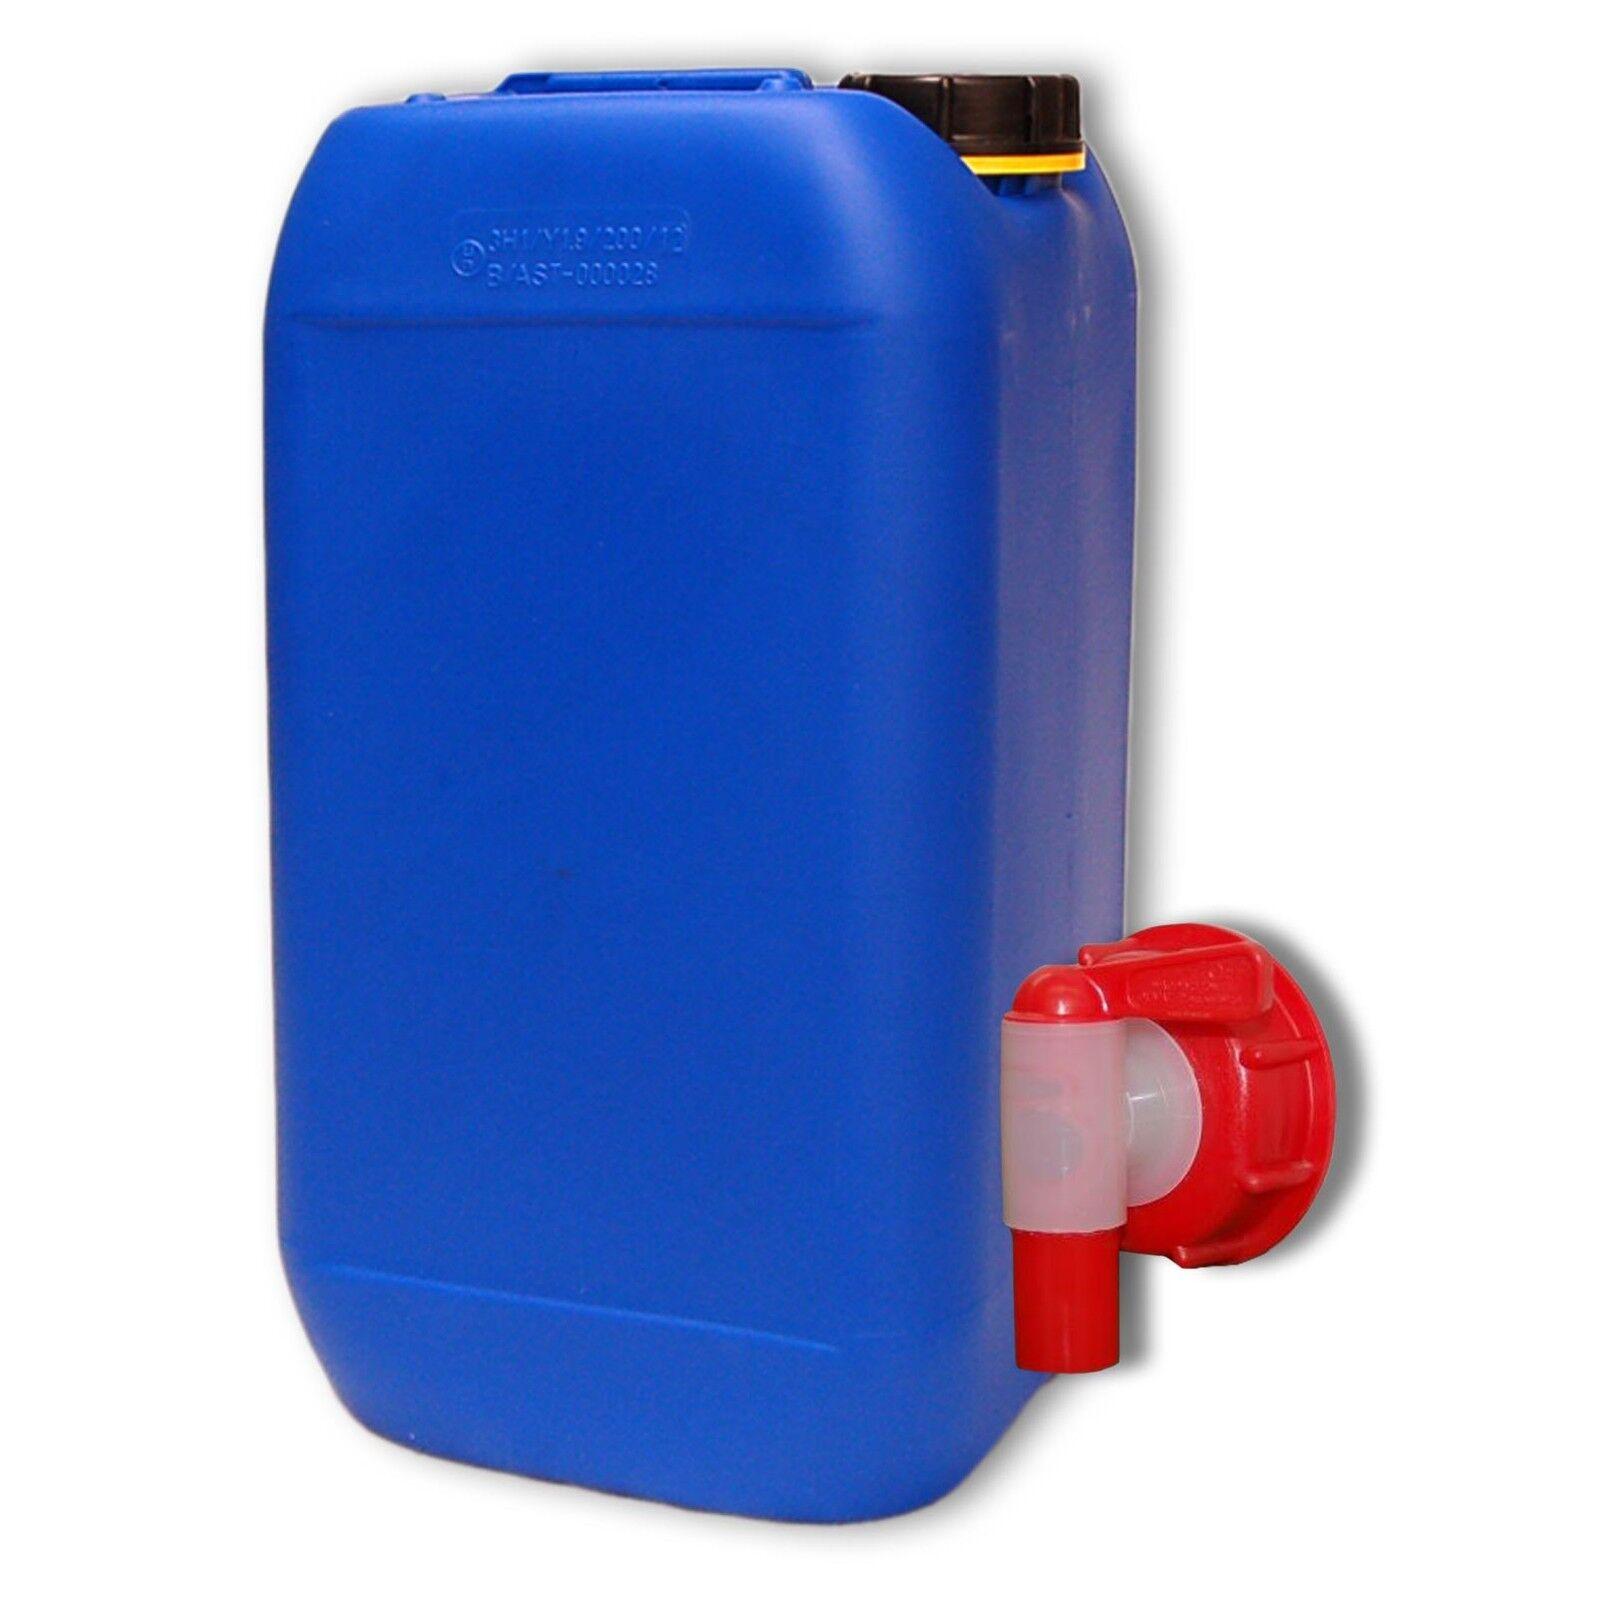 Bidon plastique 15 L Bleu DIN 61 + 1 Robinet aéroflow, Alimentaire (22246+010)